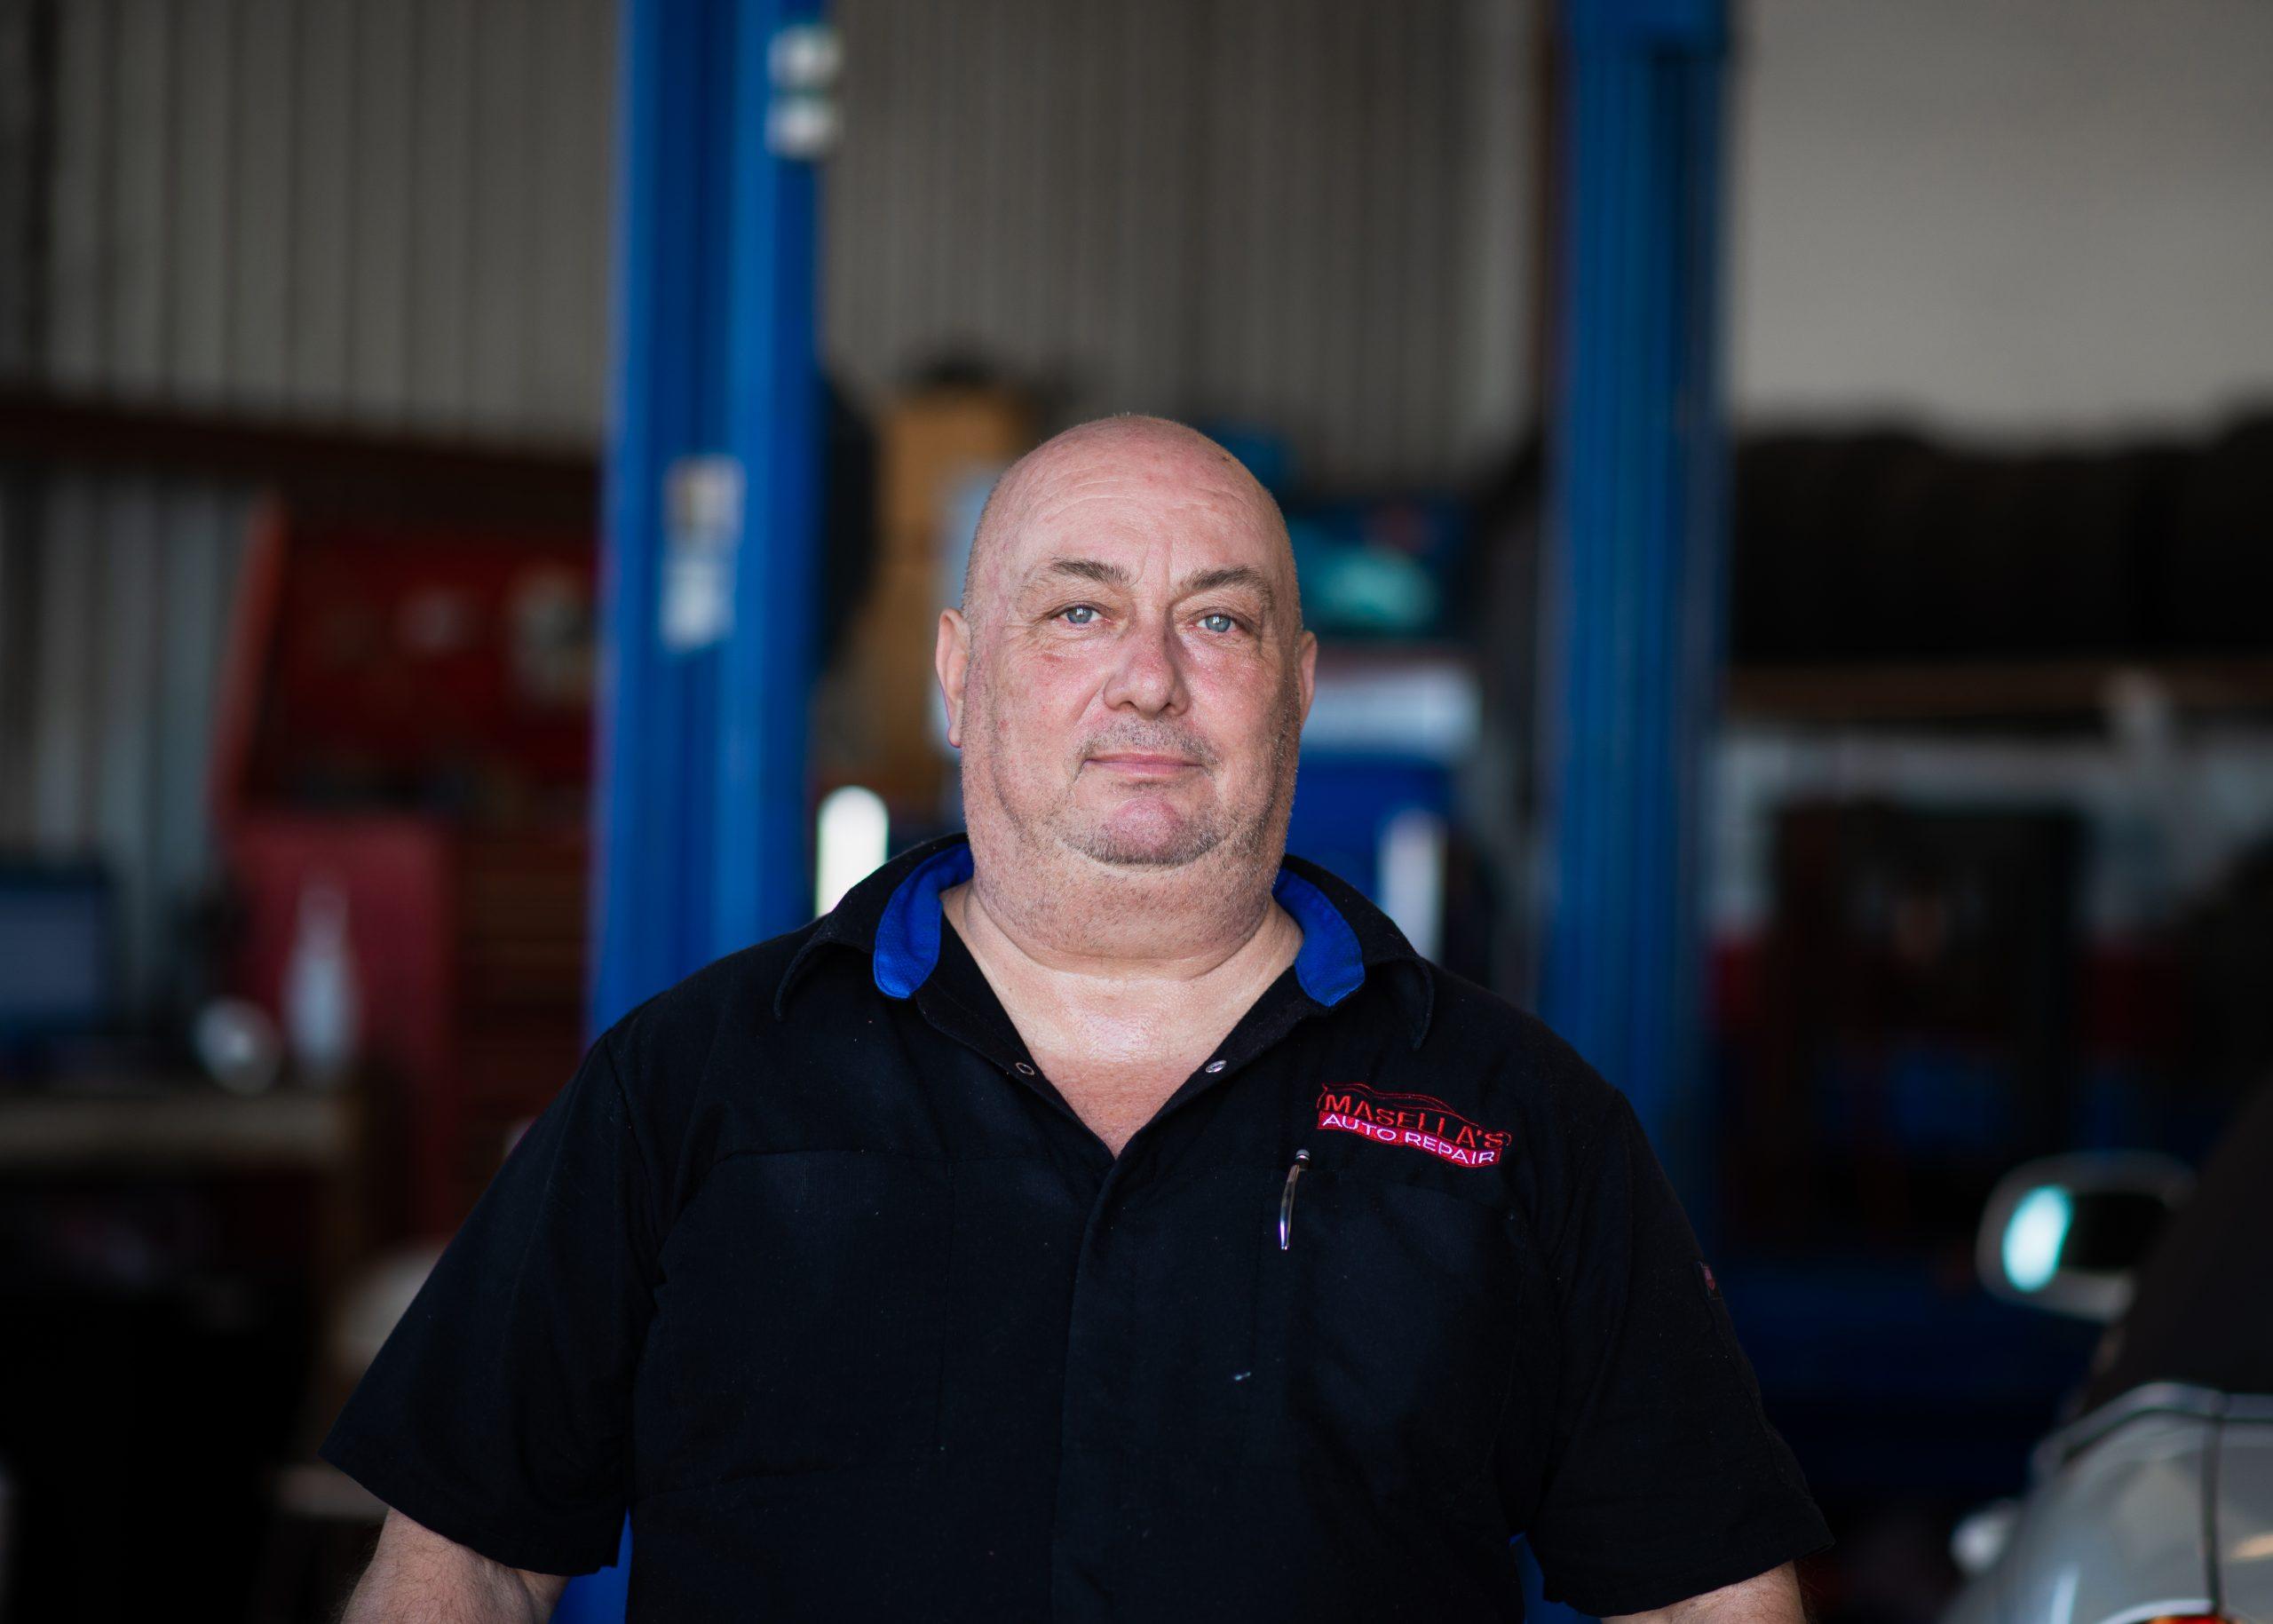 Venice FL auto repair technician